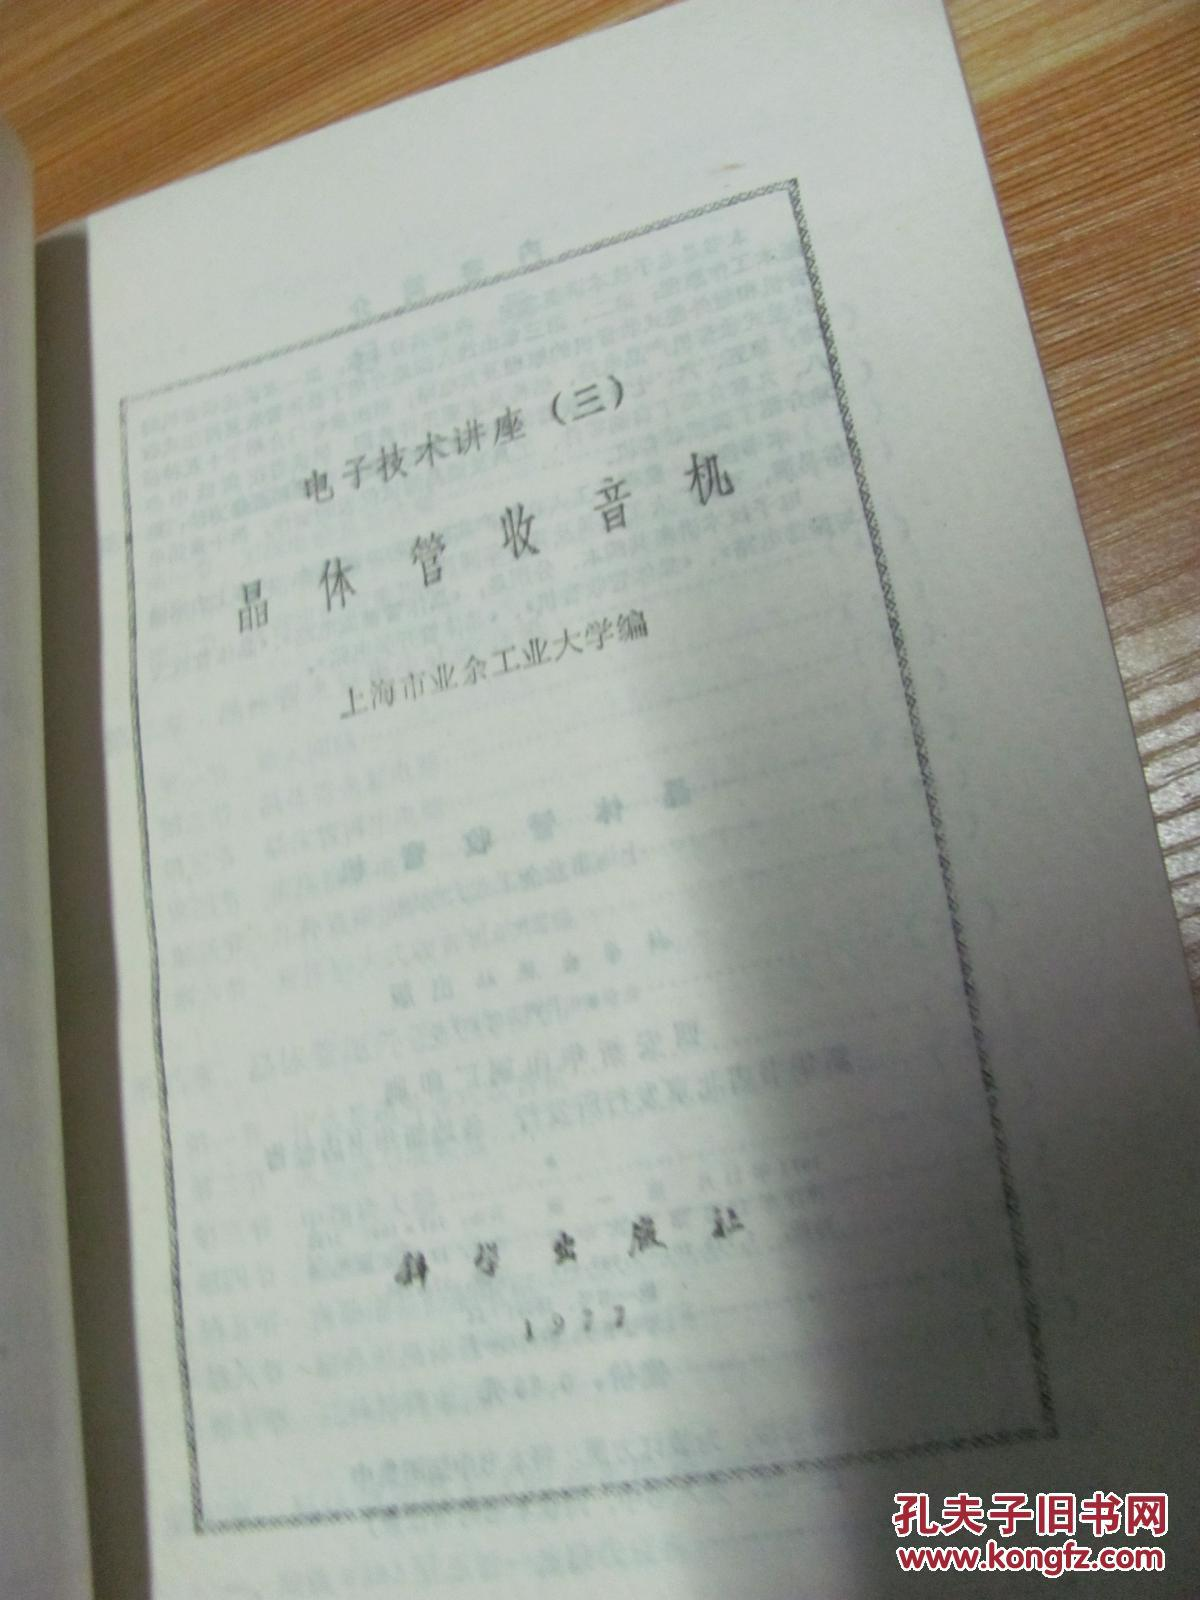 晶体管收音机_上海市业余工业大学_孔夫子旧书网